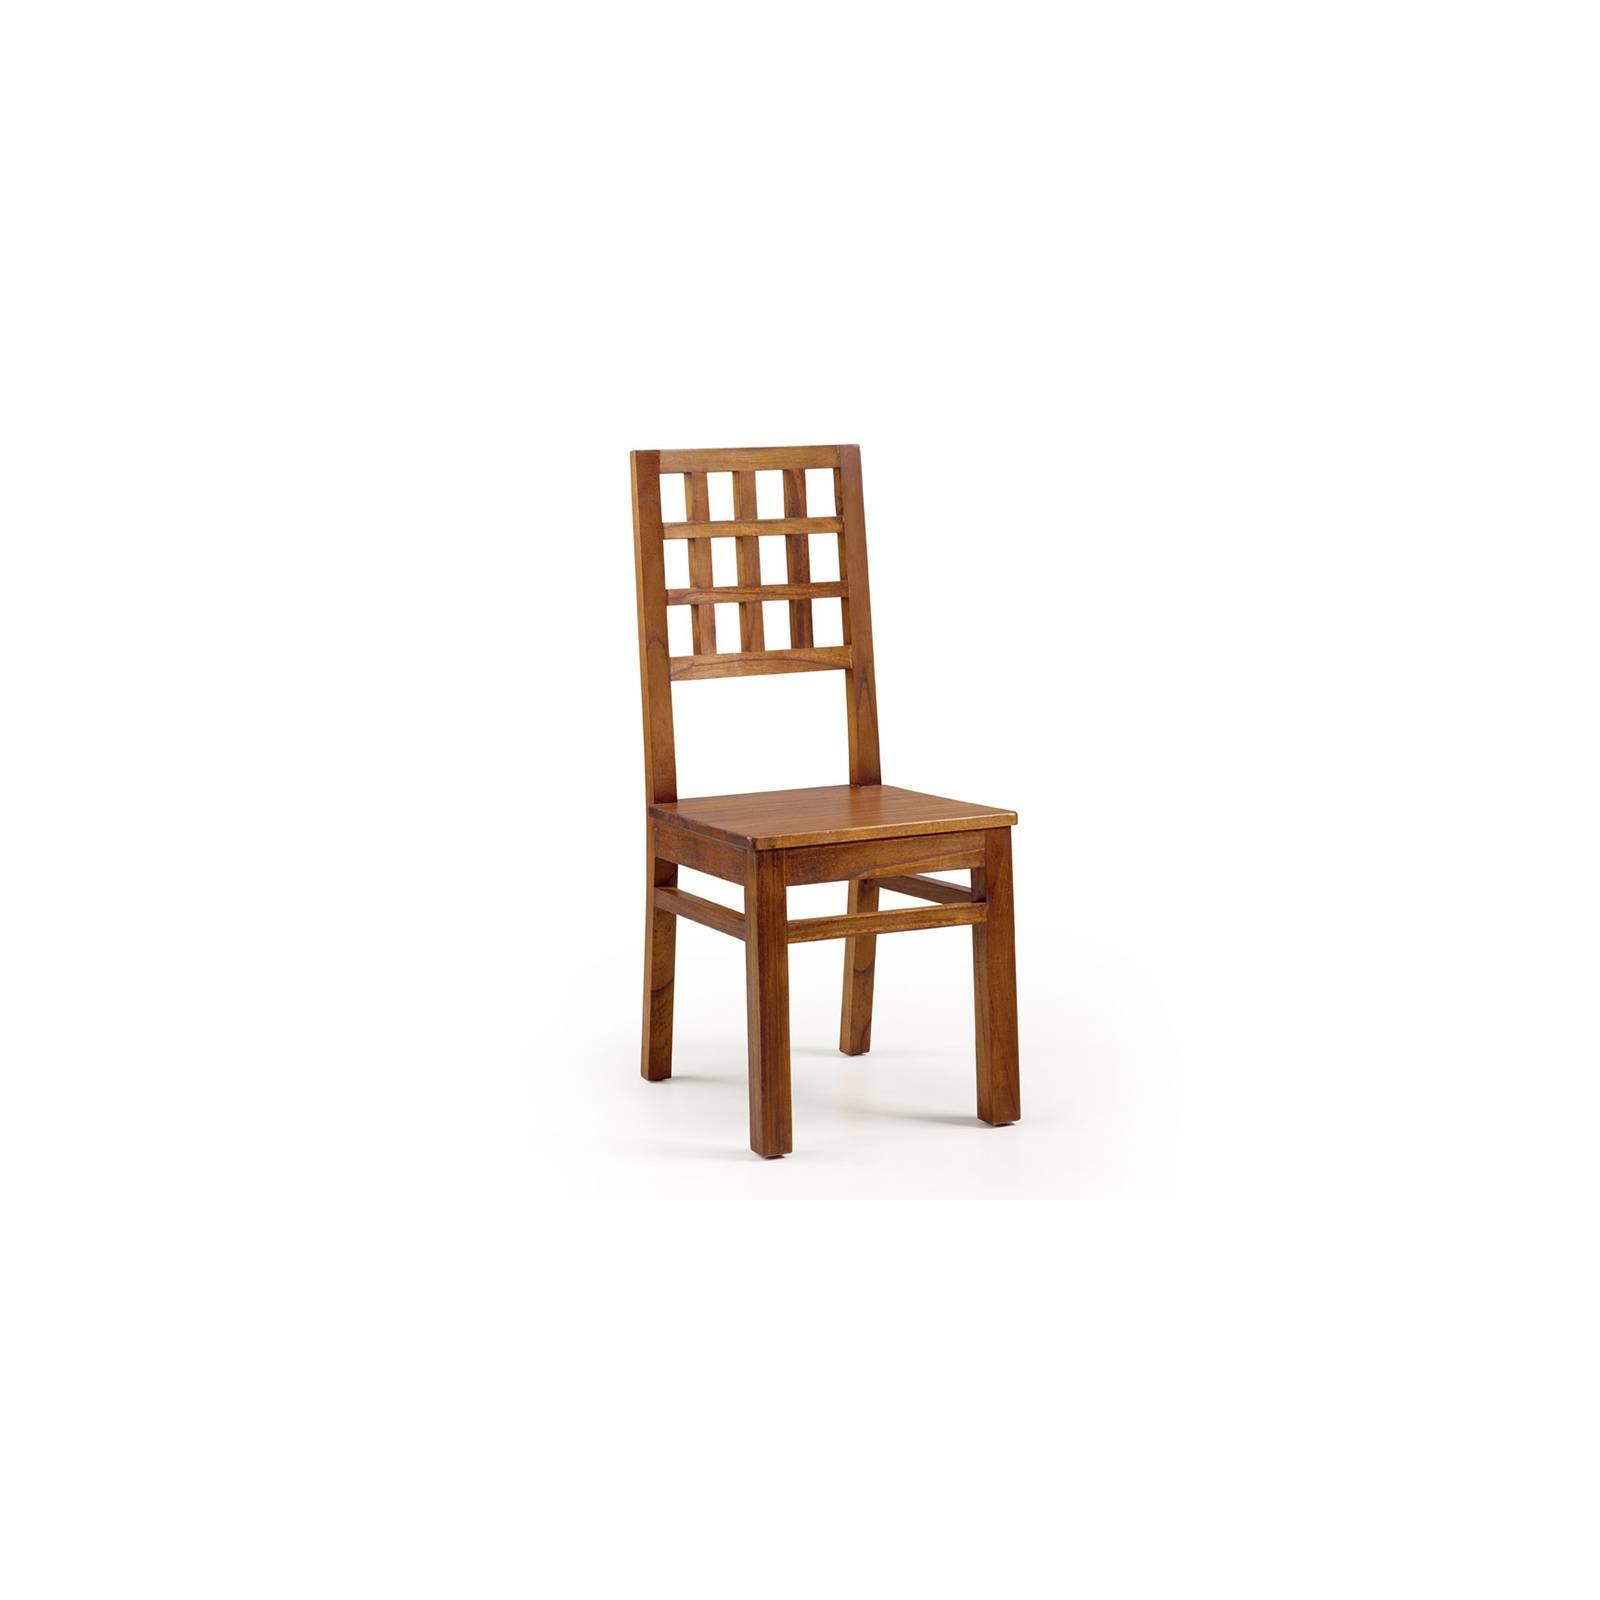 Chaise Carreaux Tali Mindy - meuble bois exotique